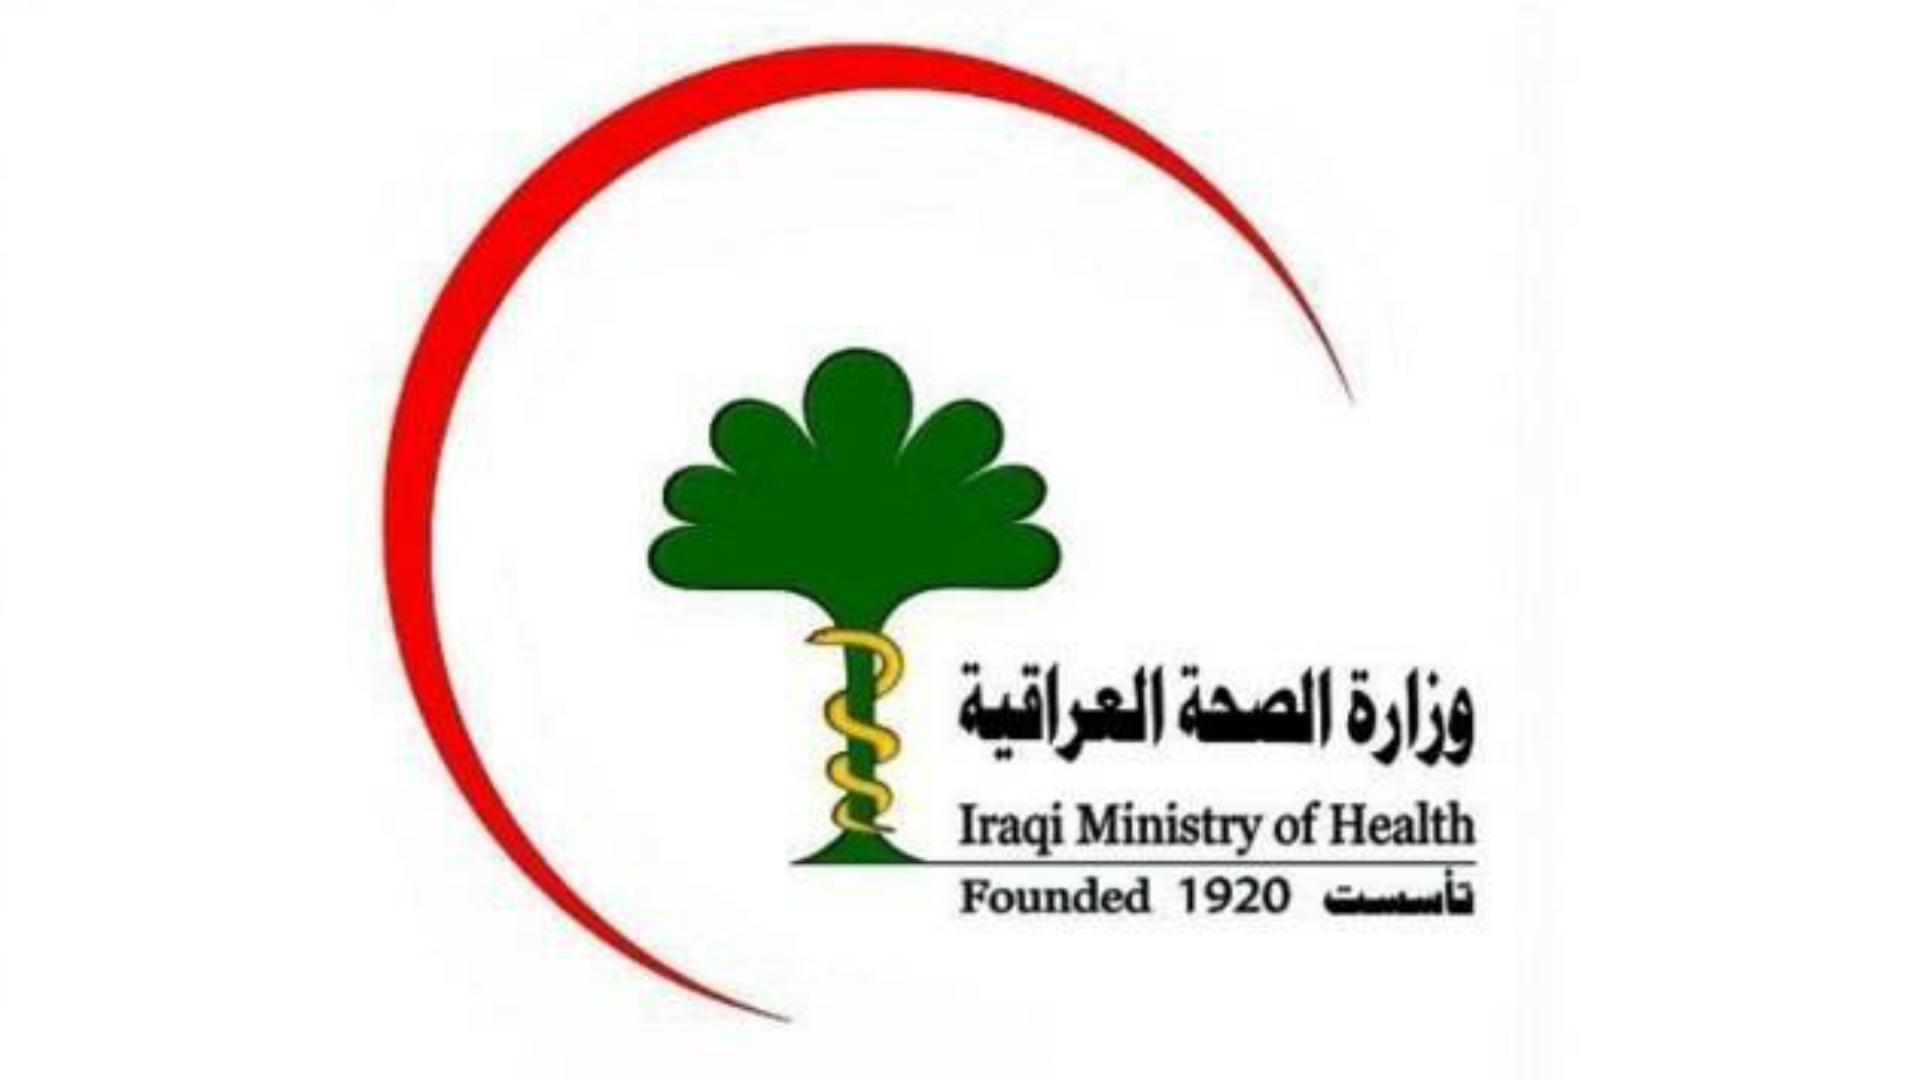 وزارة الصحة: الموقف الوبائي تحت السيطرة